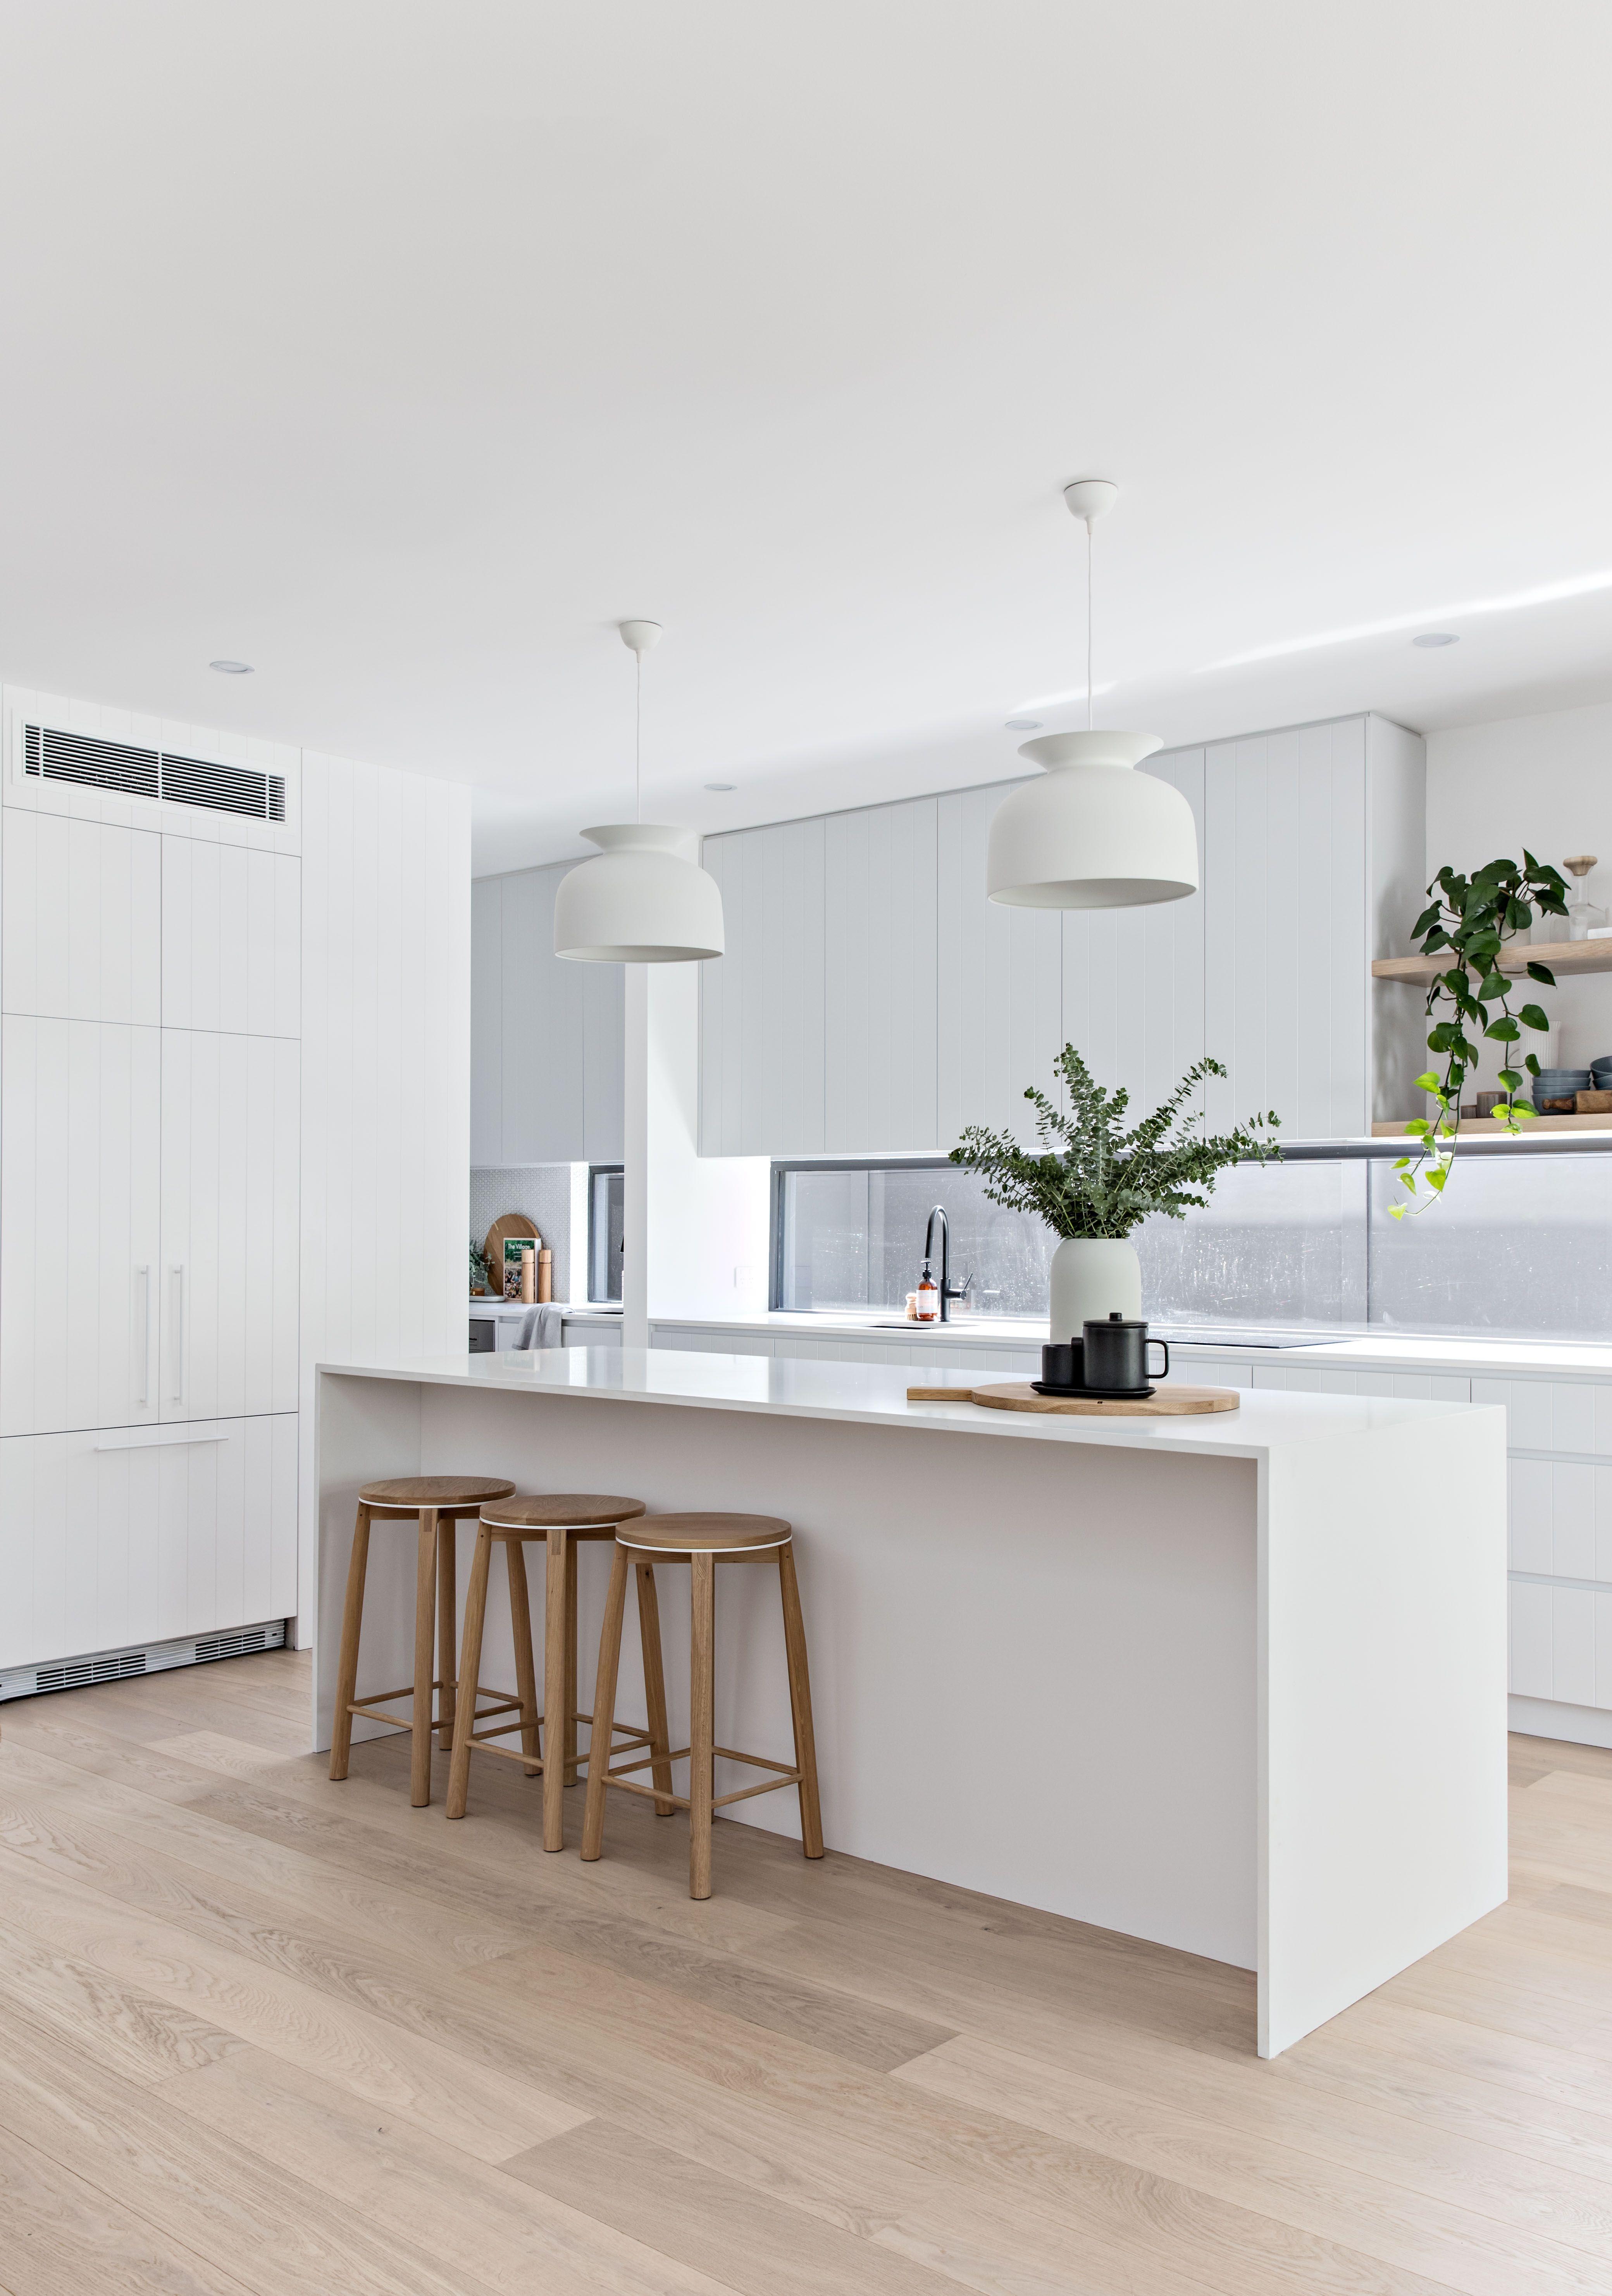 pinterest  siennnalee  White modern kitchen, Home decor kitchen